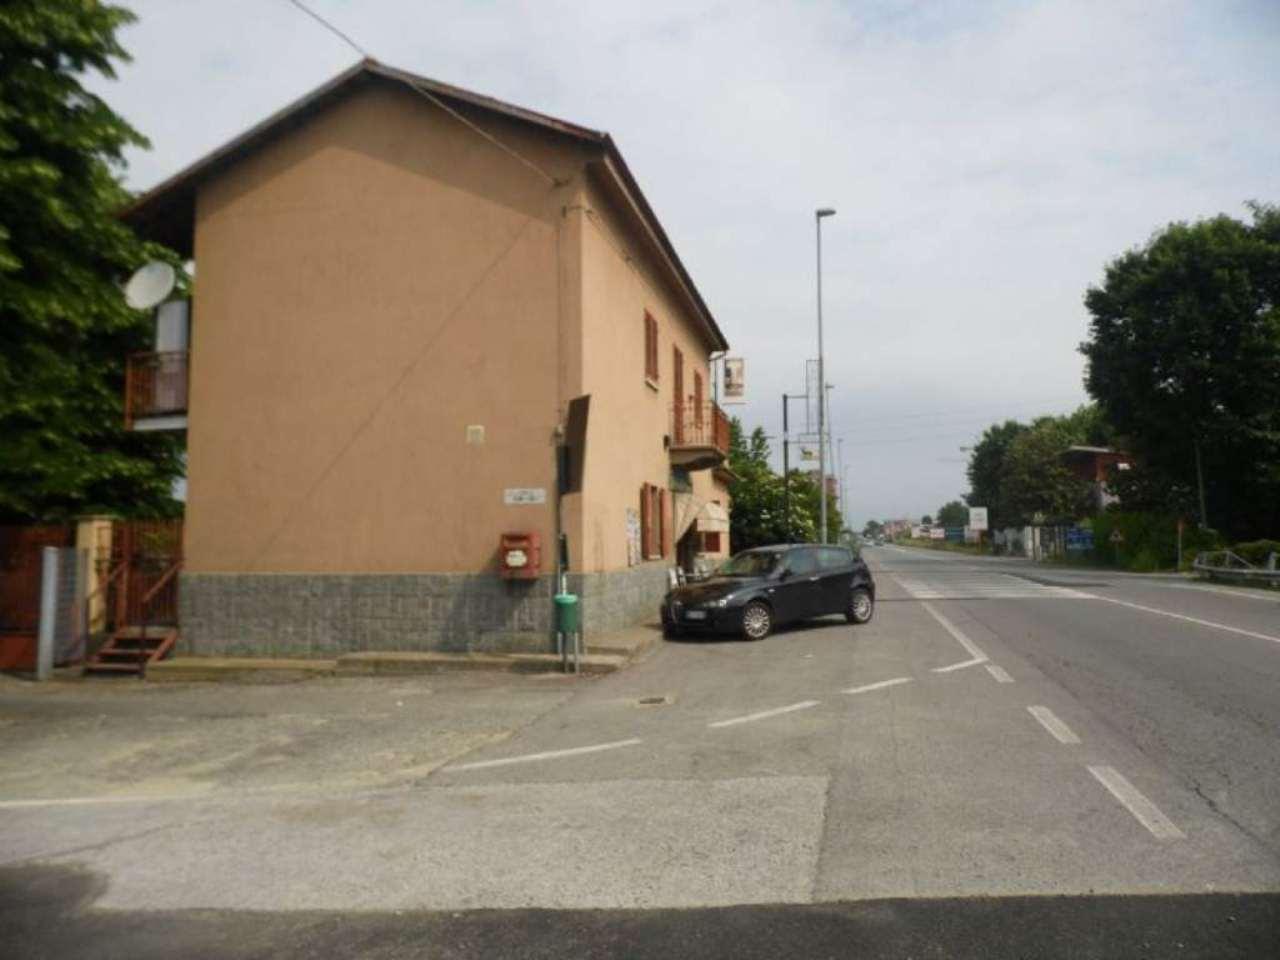 Negozio / Locale in affitto a Borgaro Torinese, 2 locali, prezzo € 500 | Cambio Casa.it